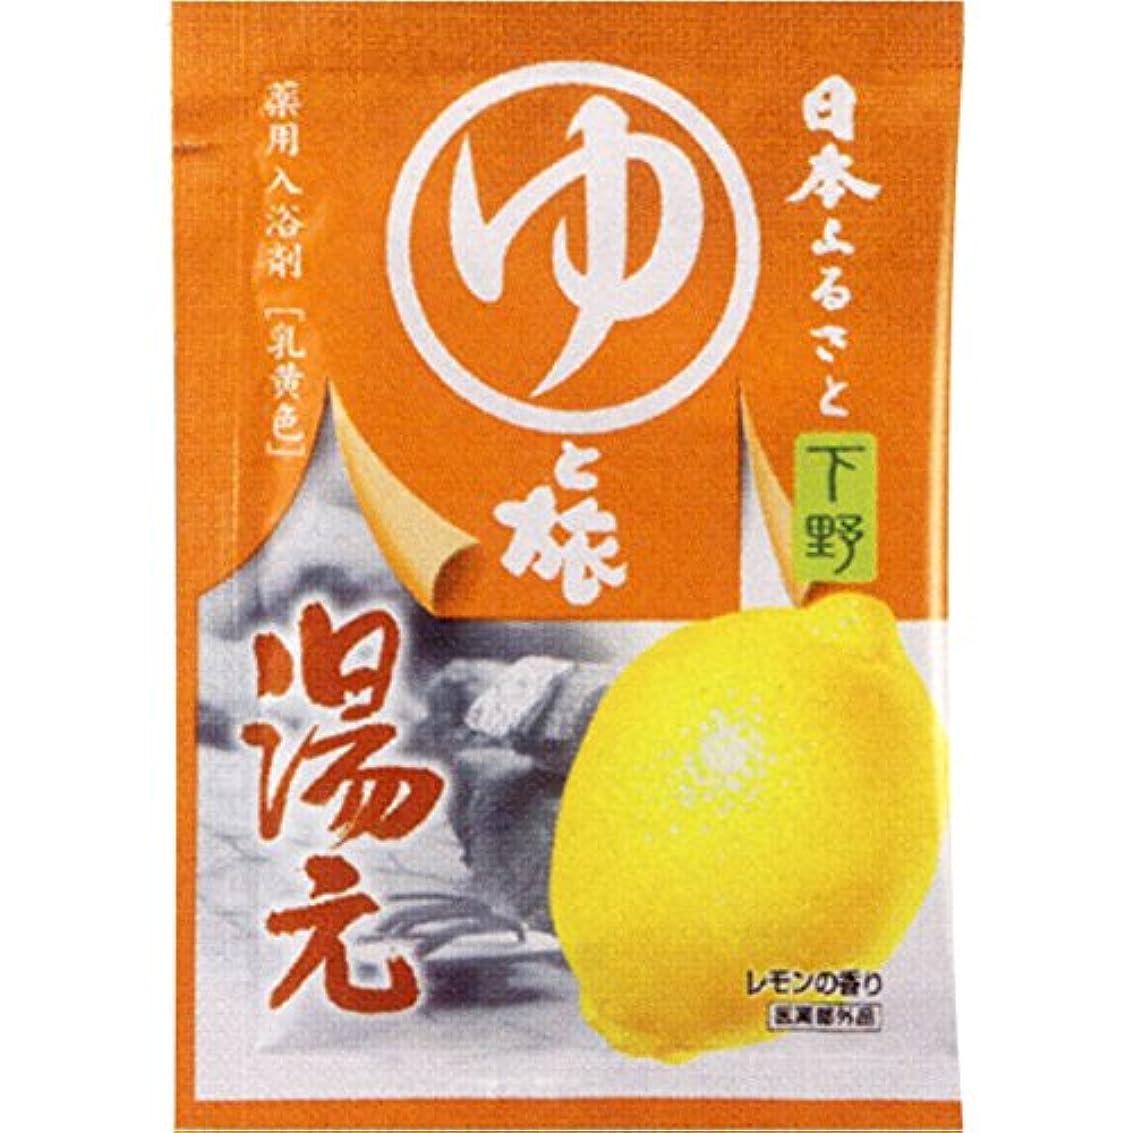 ビジター再発する出版ヤマサキ 日本ふるさとゆと旅 湯元 30g (医薬部外品)